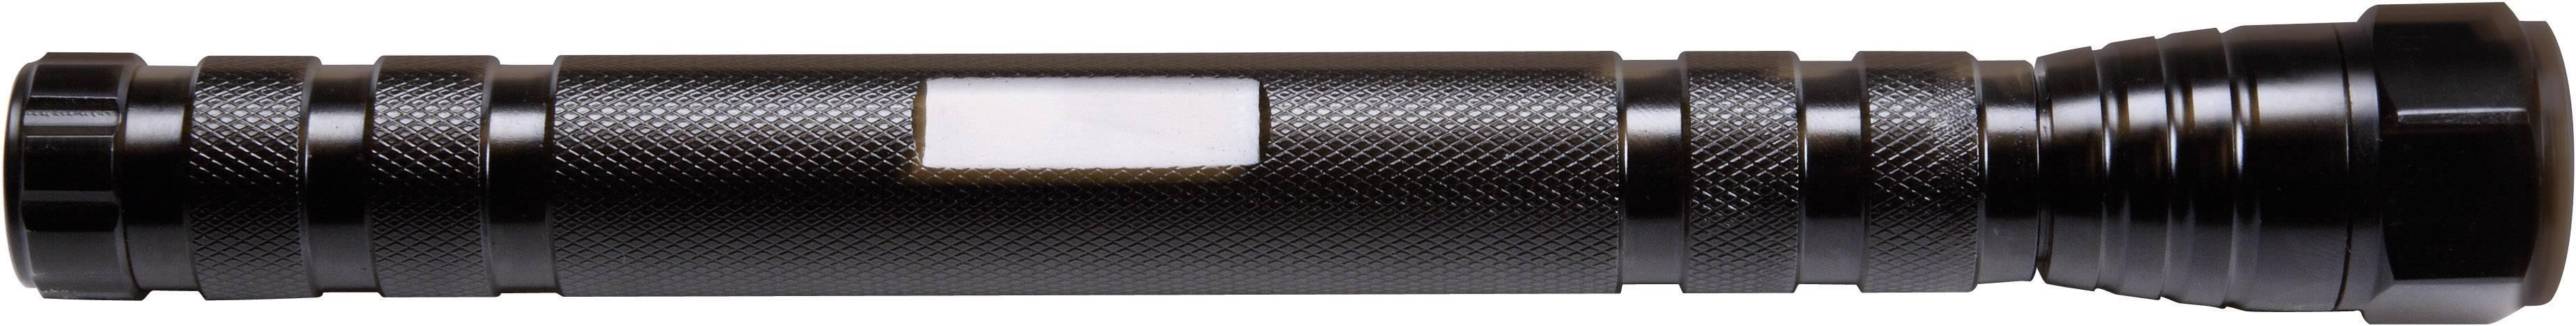 Teleskopické LED svietidlo Ampercell